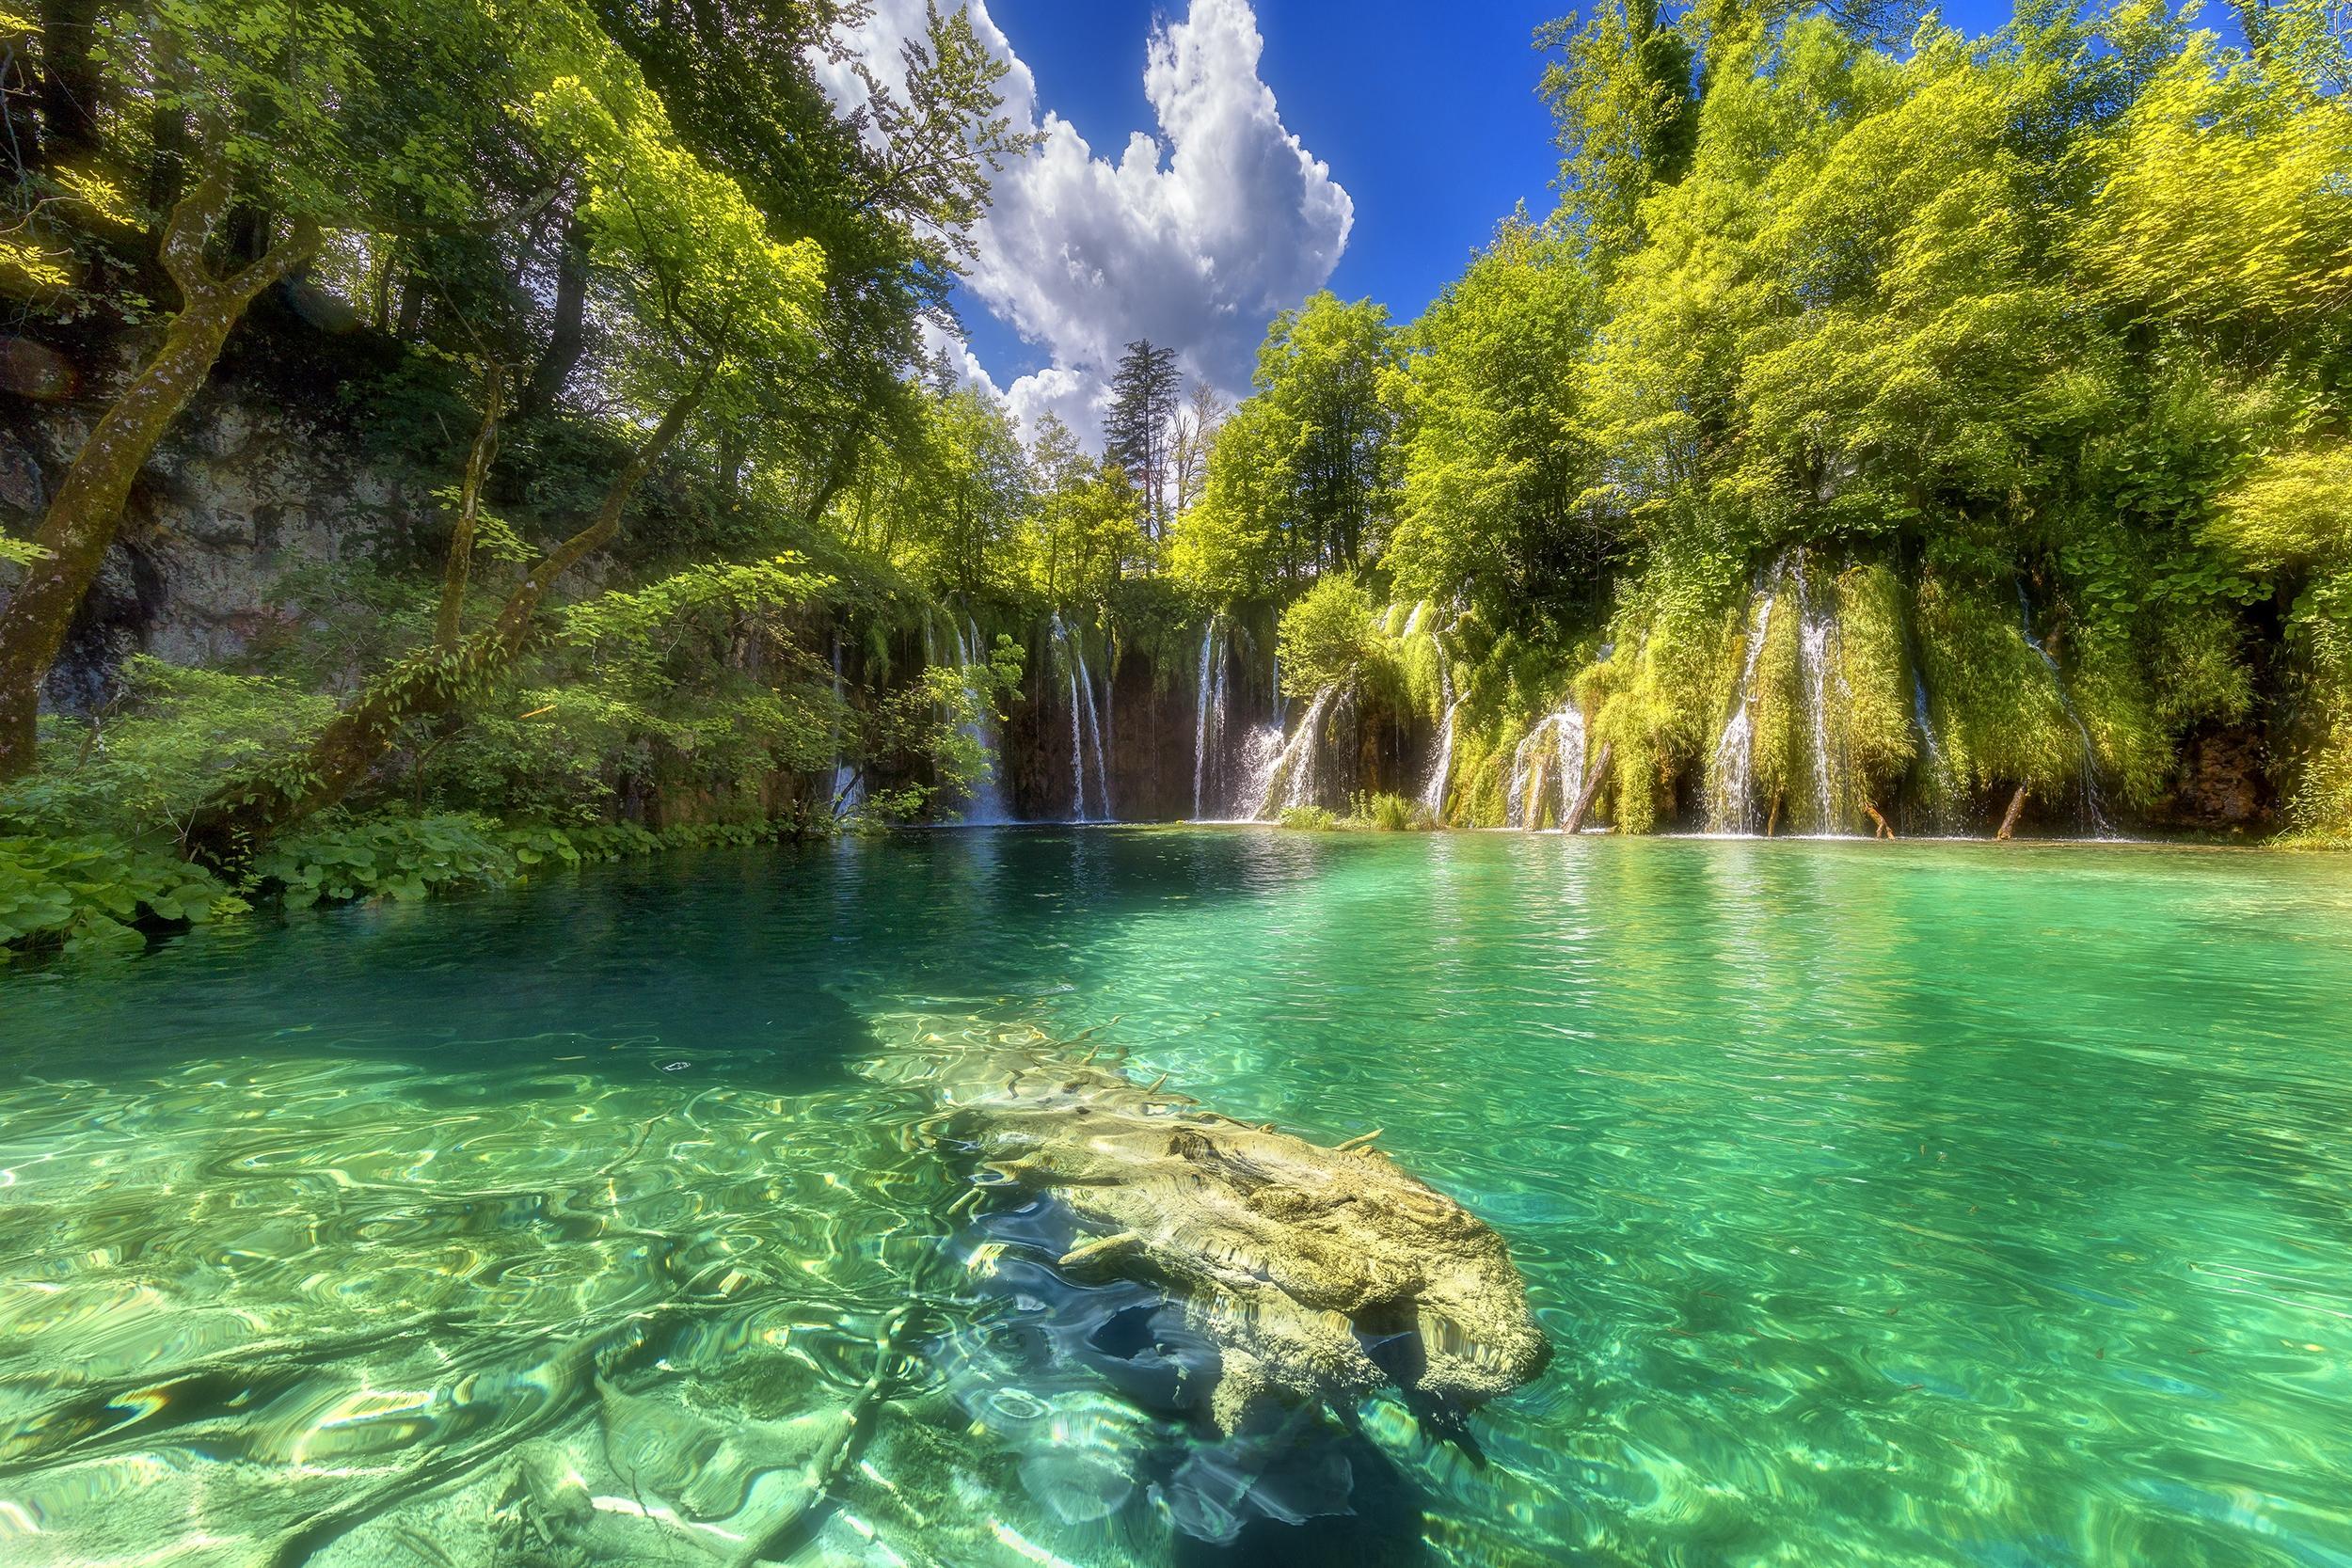 природа озеро водопад  № 768627 загрузить